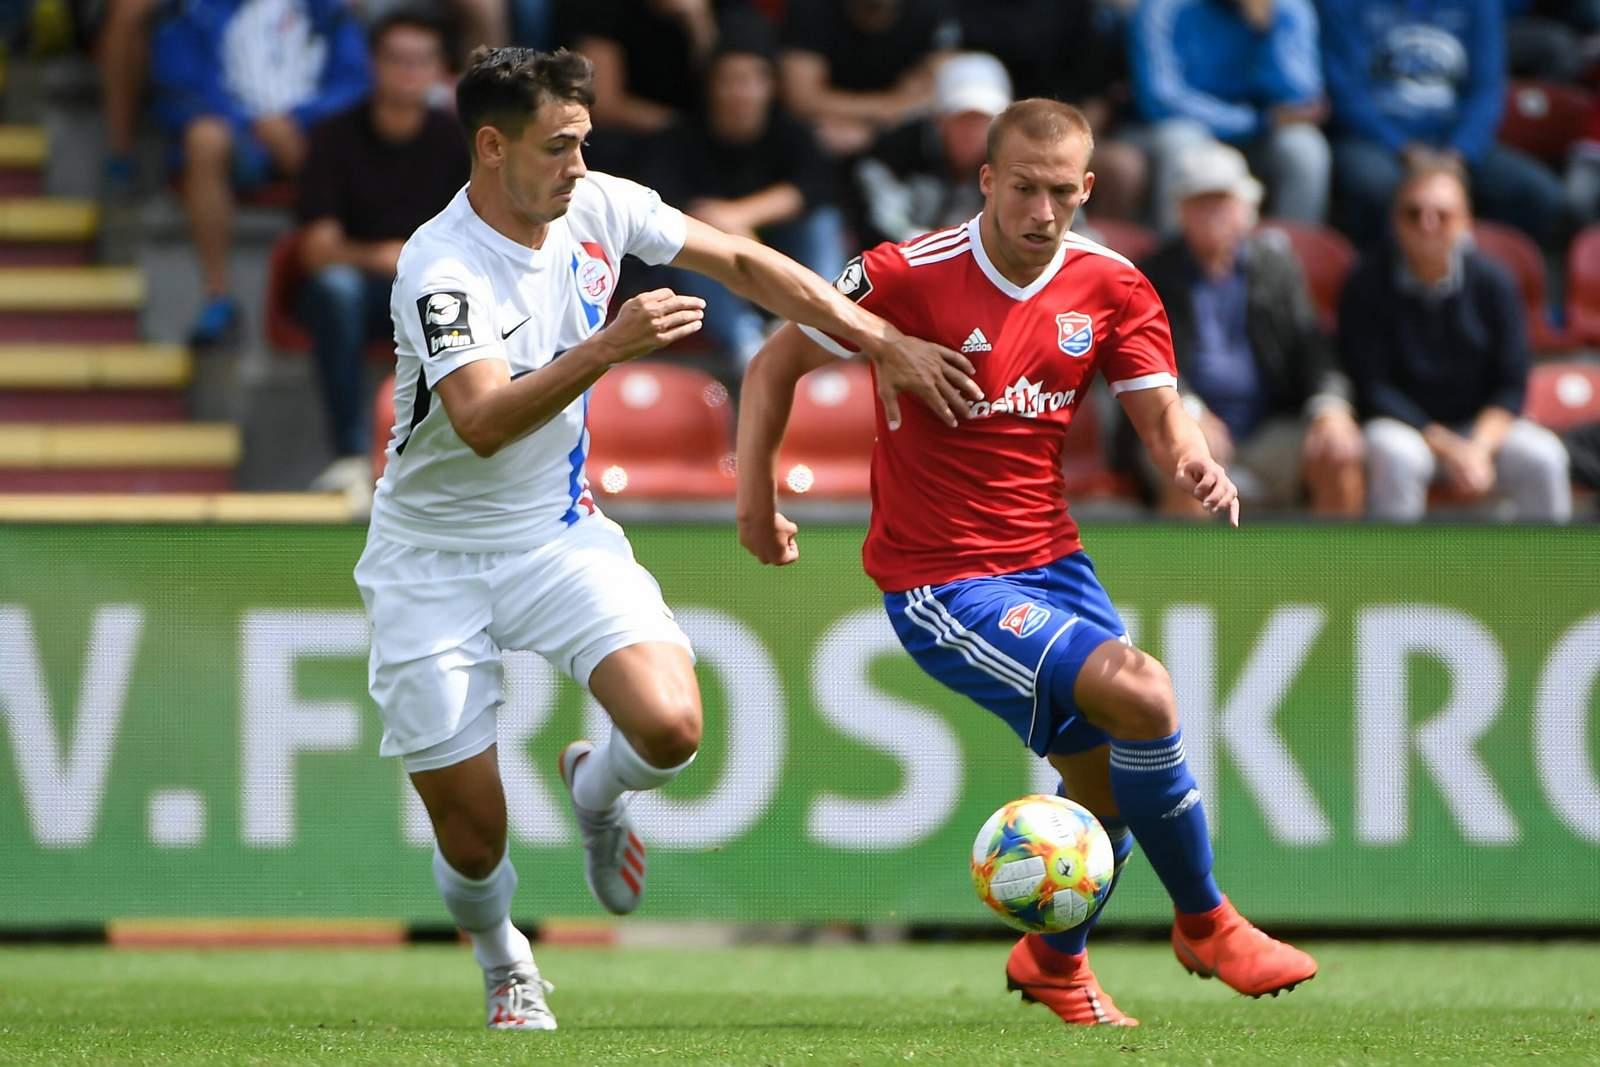 Nico Rieble von Hansa Rostock gegen Felix Schröter von Unterhaching